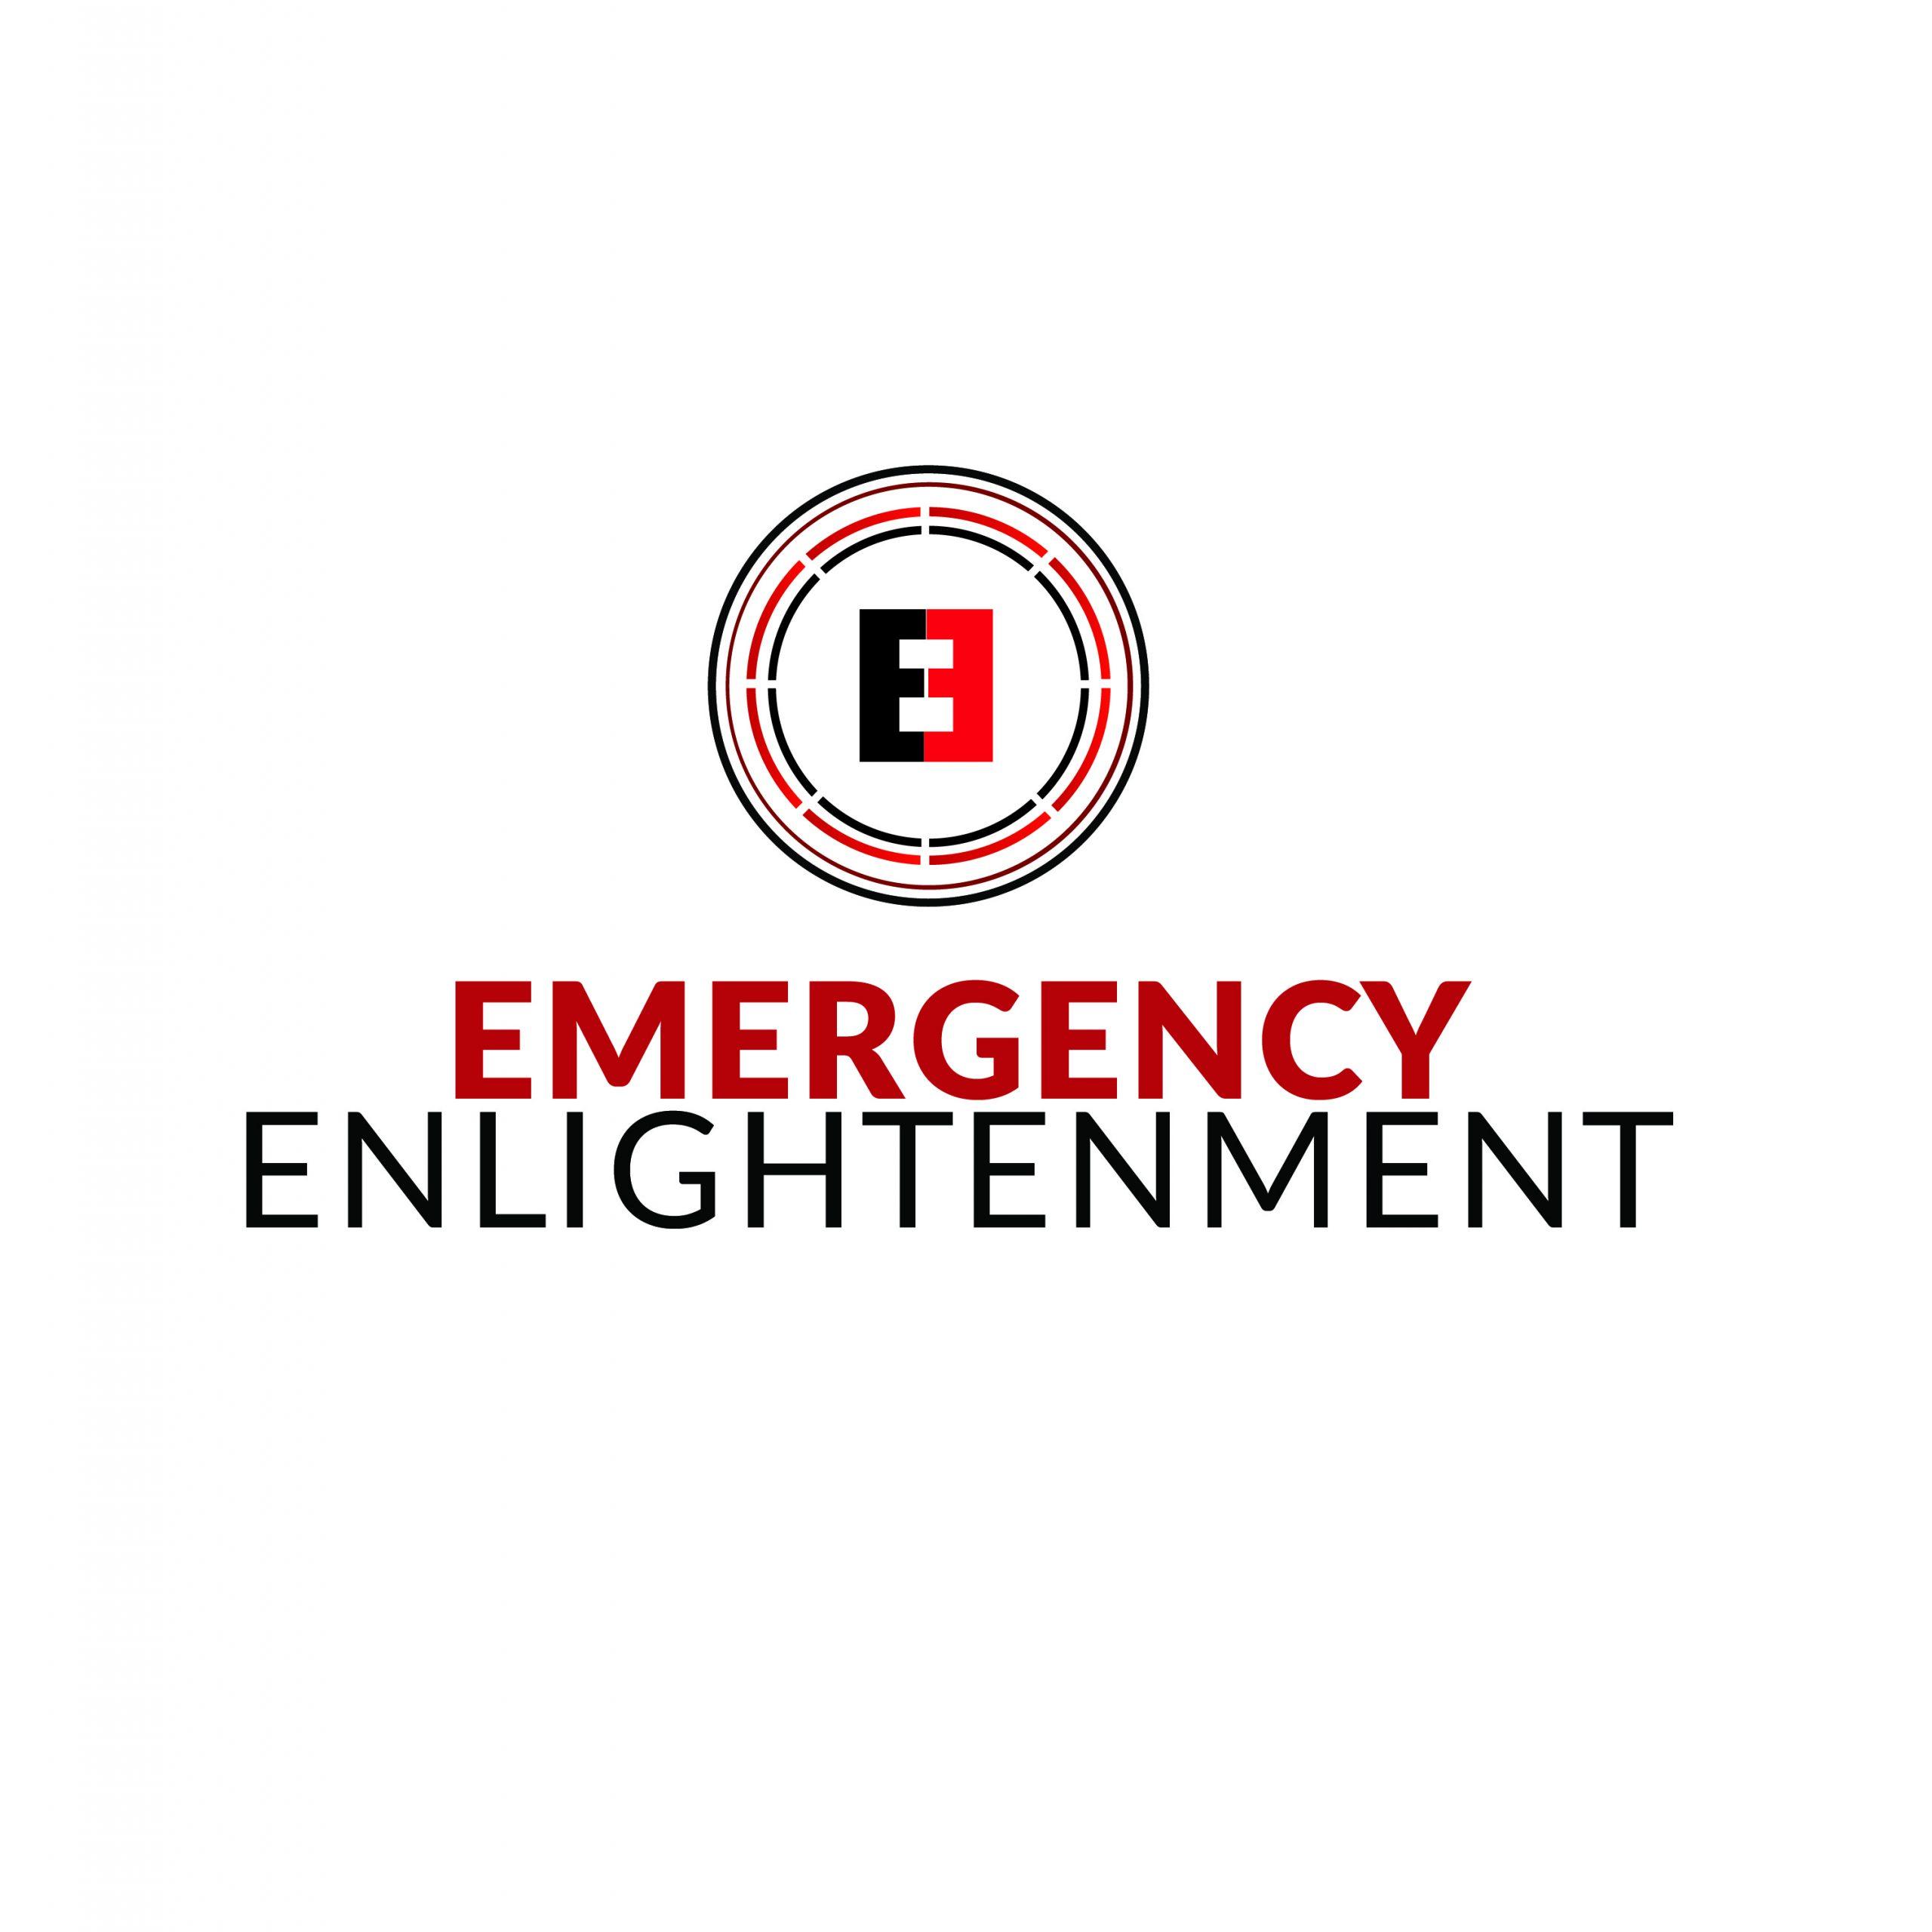 Emergency Enlightenment Shop